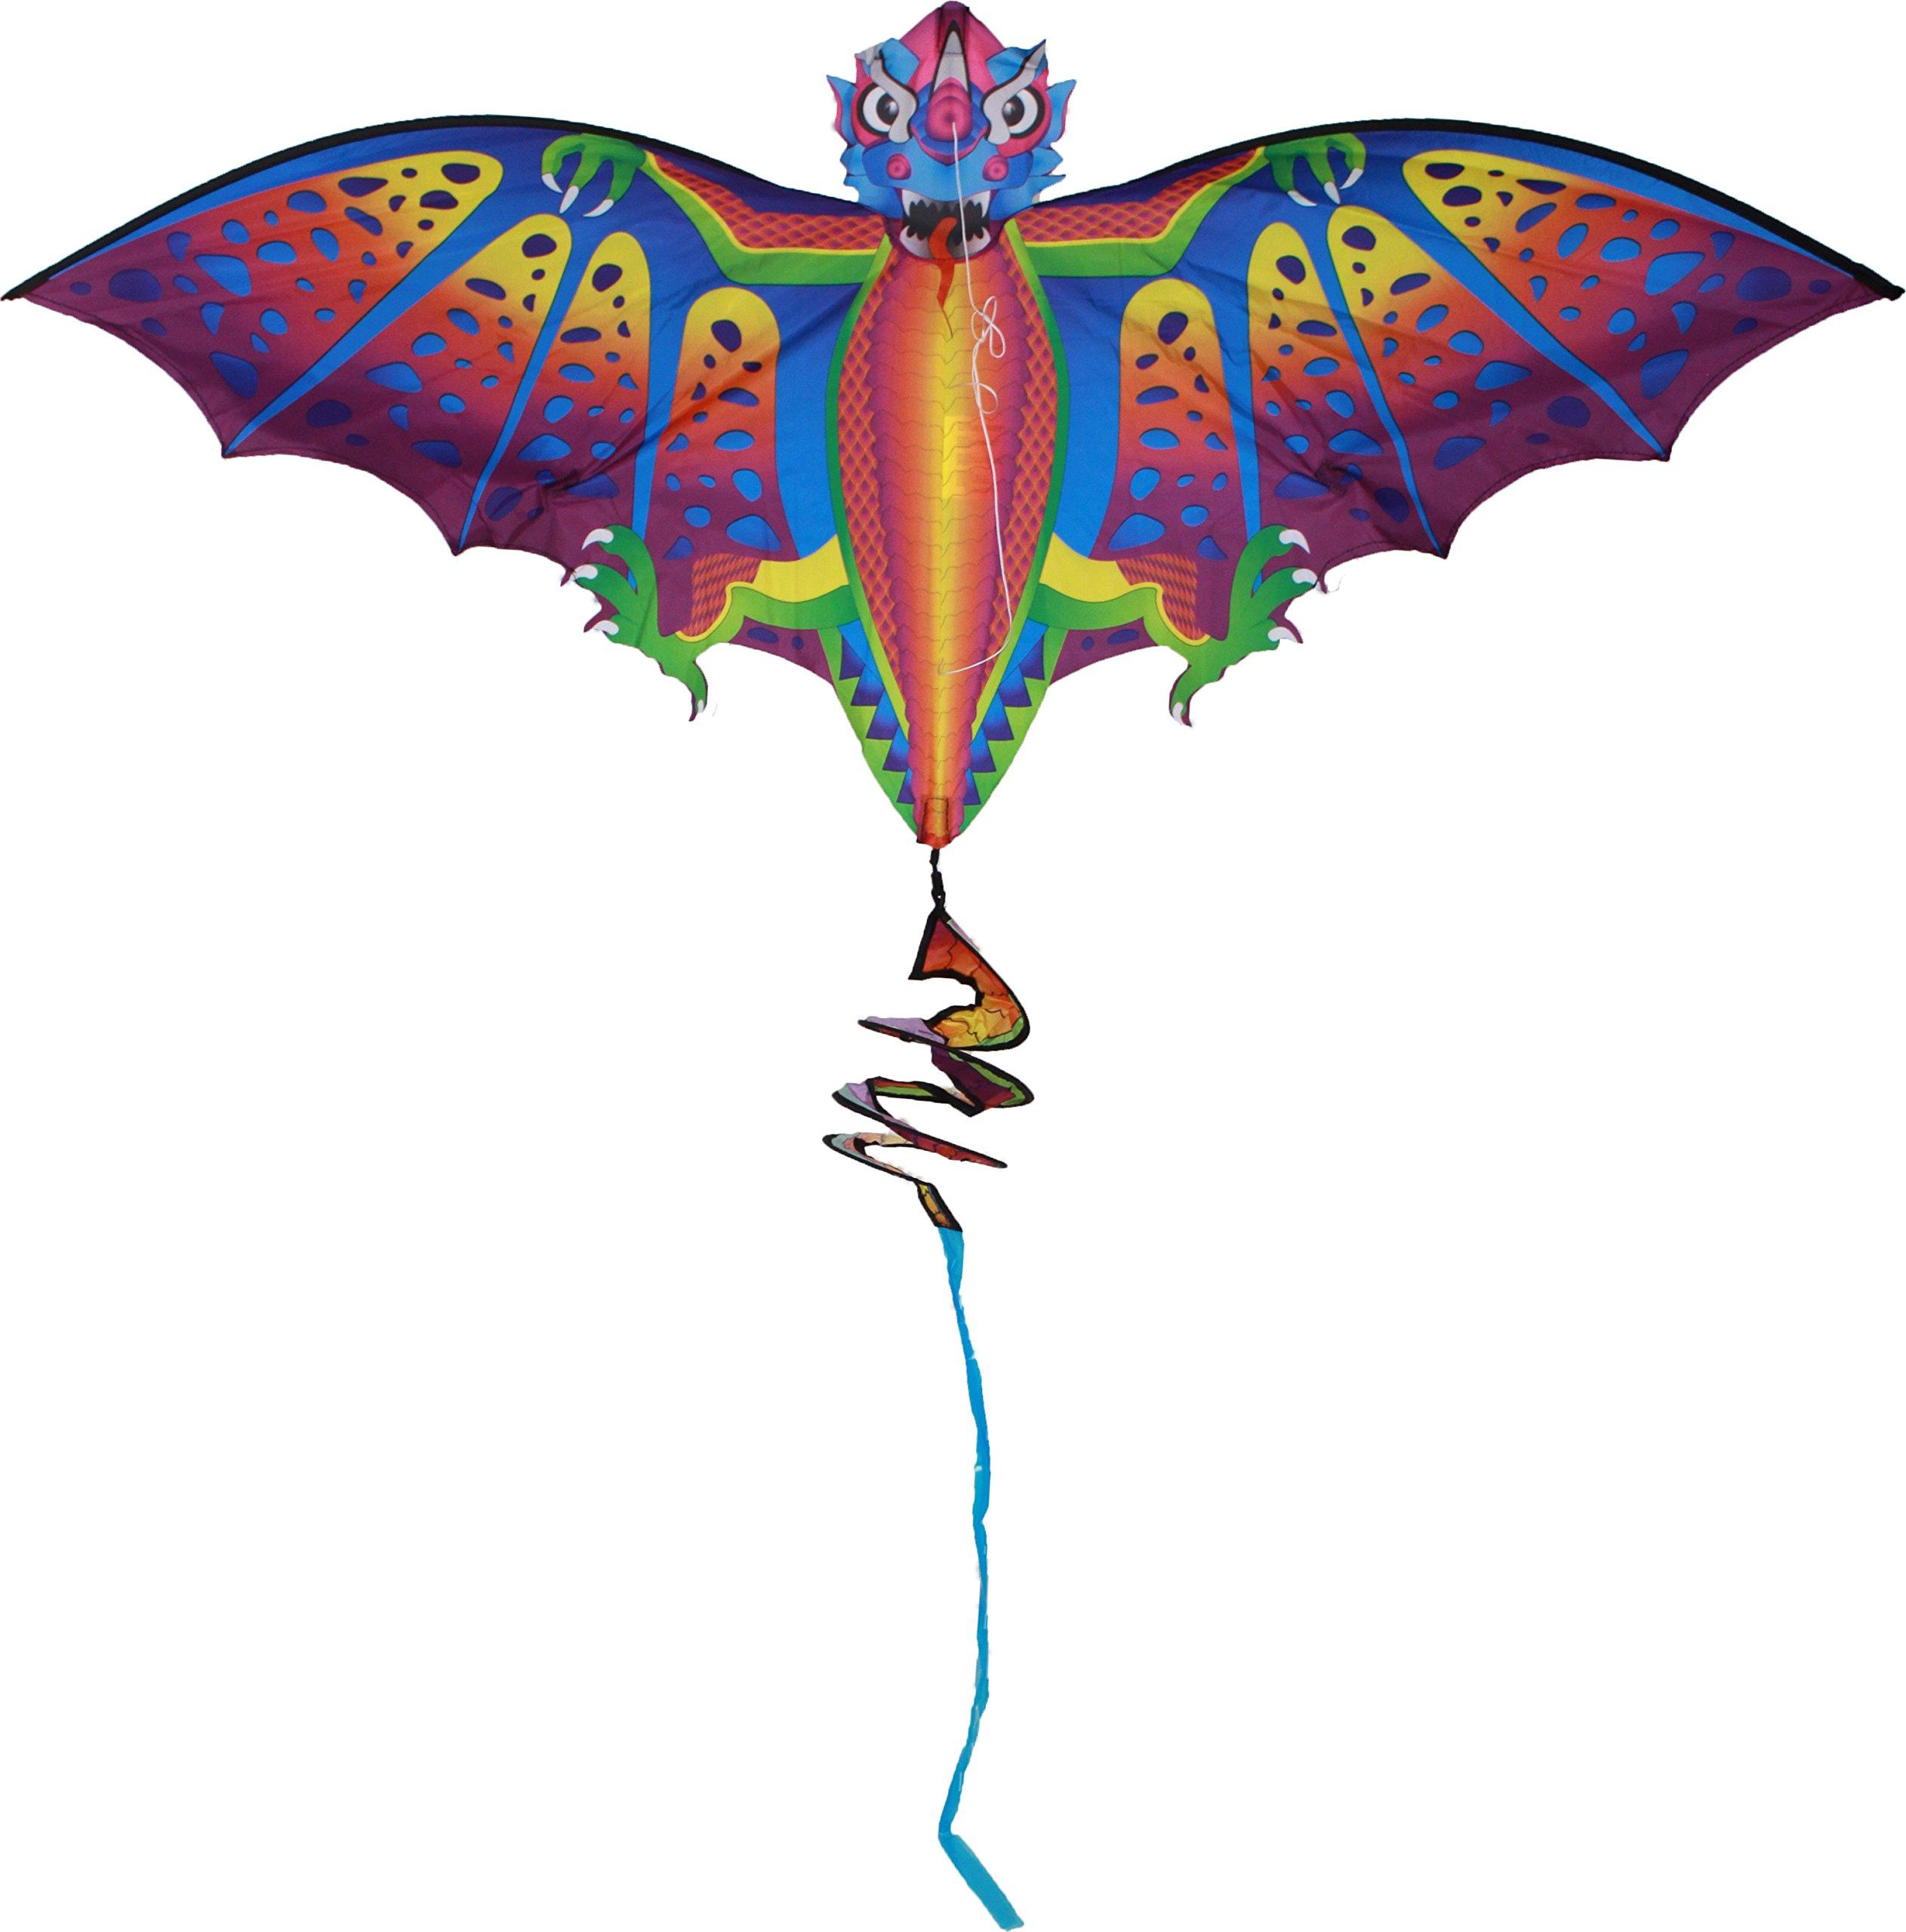 X-Kites StratoKites Dragon Rip-Stop Nylon Kite,  50'' Wide